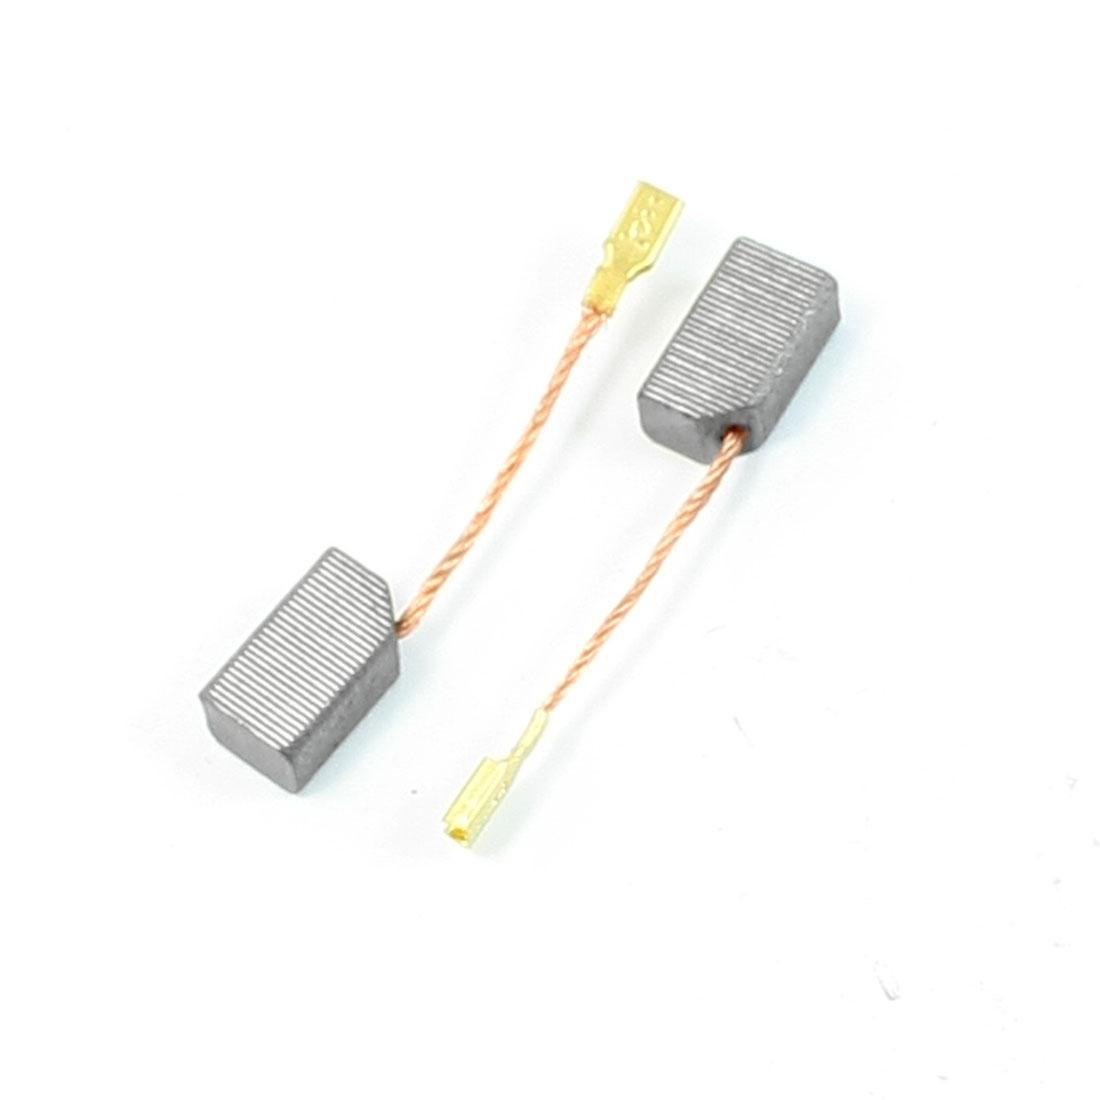 2 Pcs Motor Carbon Brushes 13mm x 8mm x 6mm for Dewalt 100 Angle Grinder